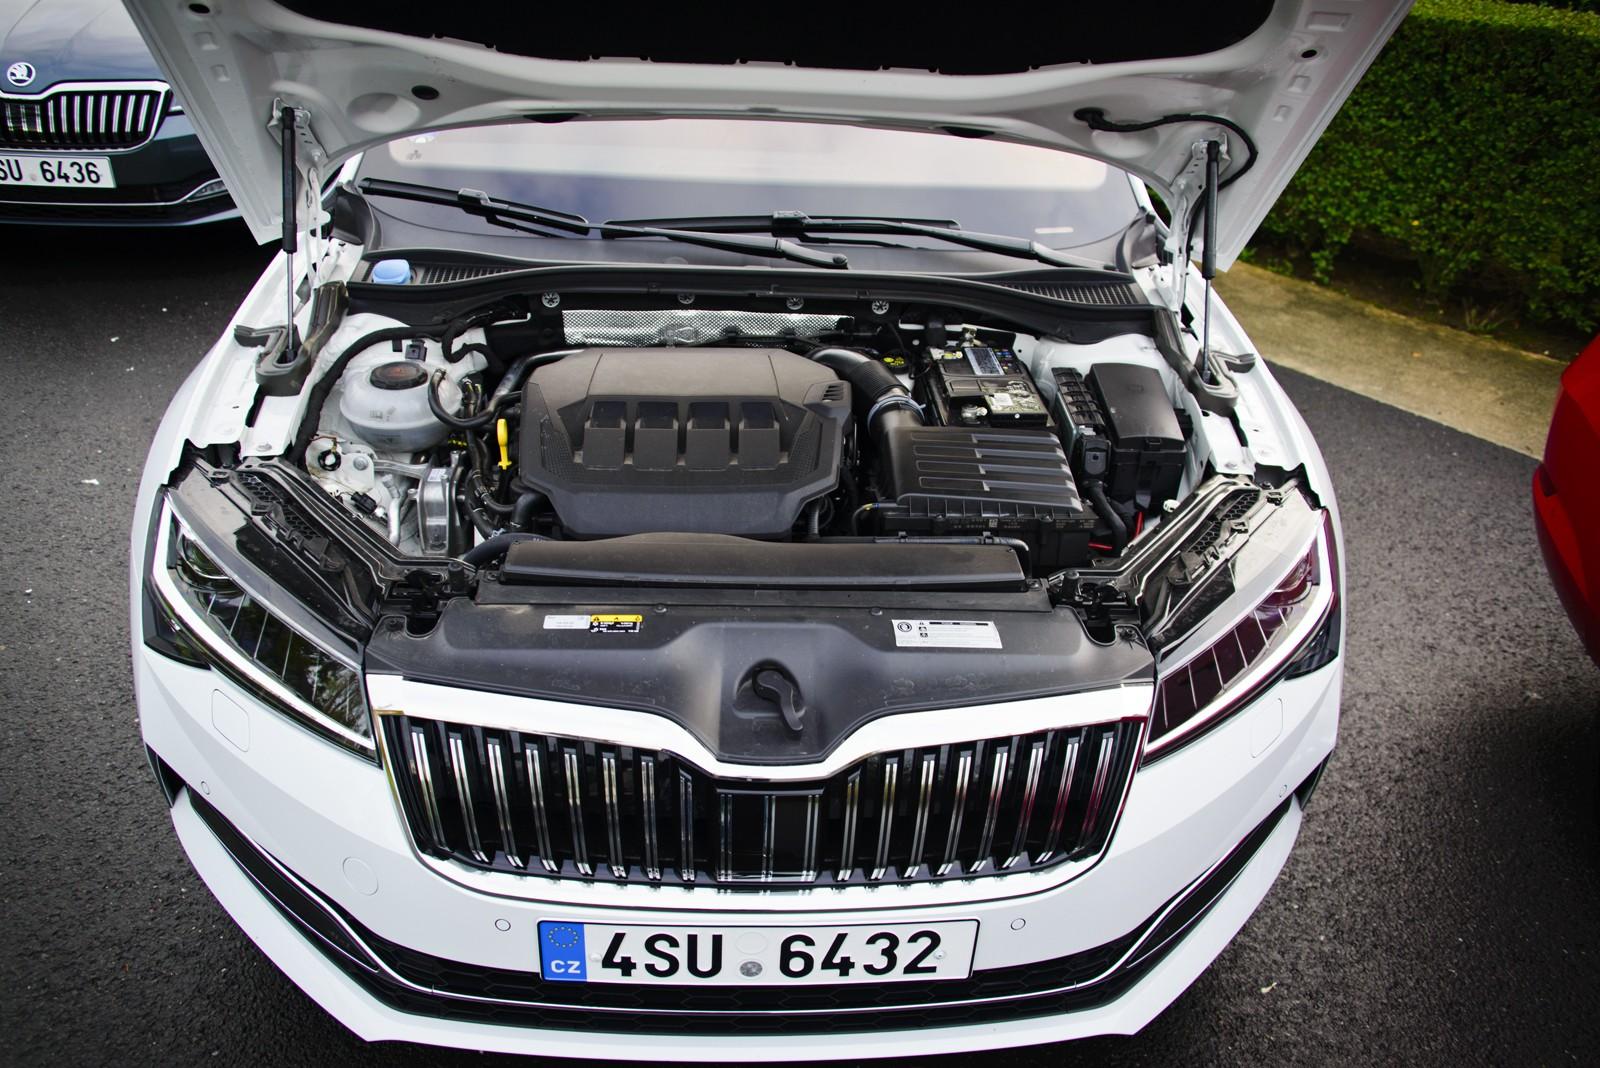 Длительный тест универсала Skoda Superb: итоги, конкуренты и стоимость владения — Тест-драйв — Motor